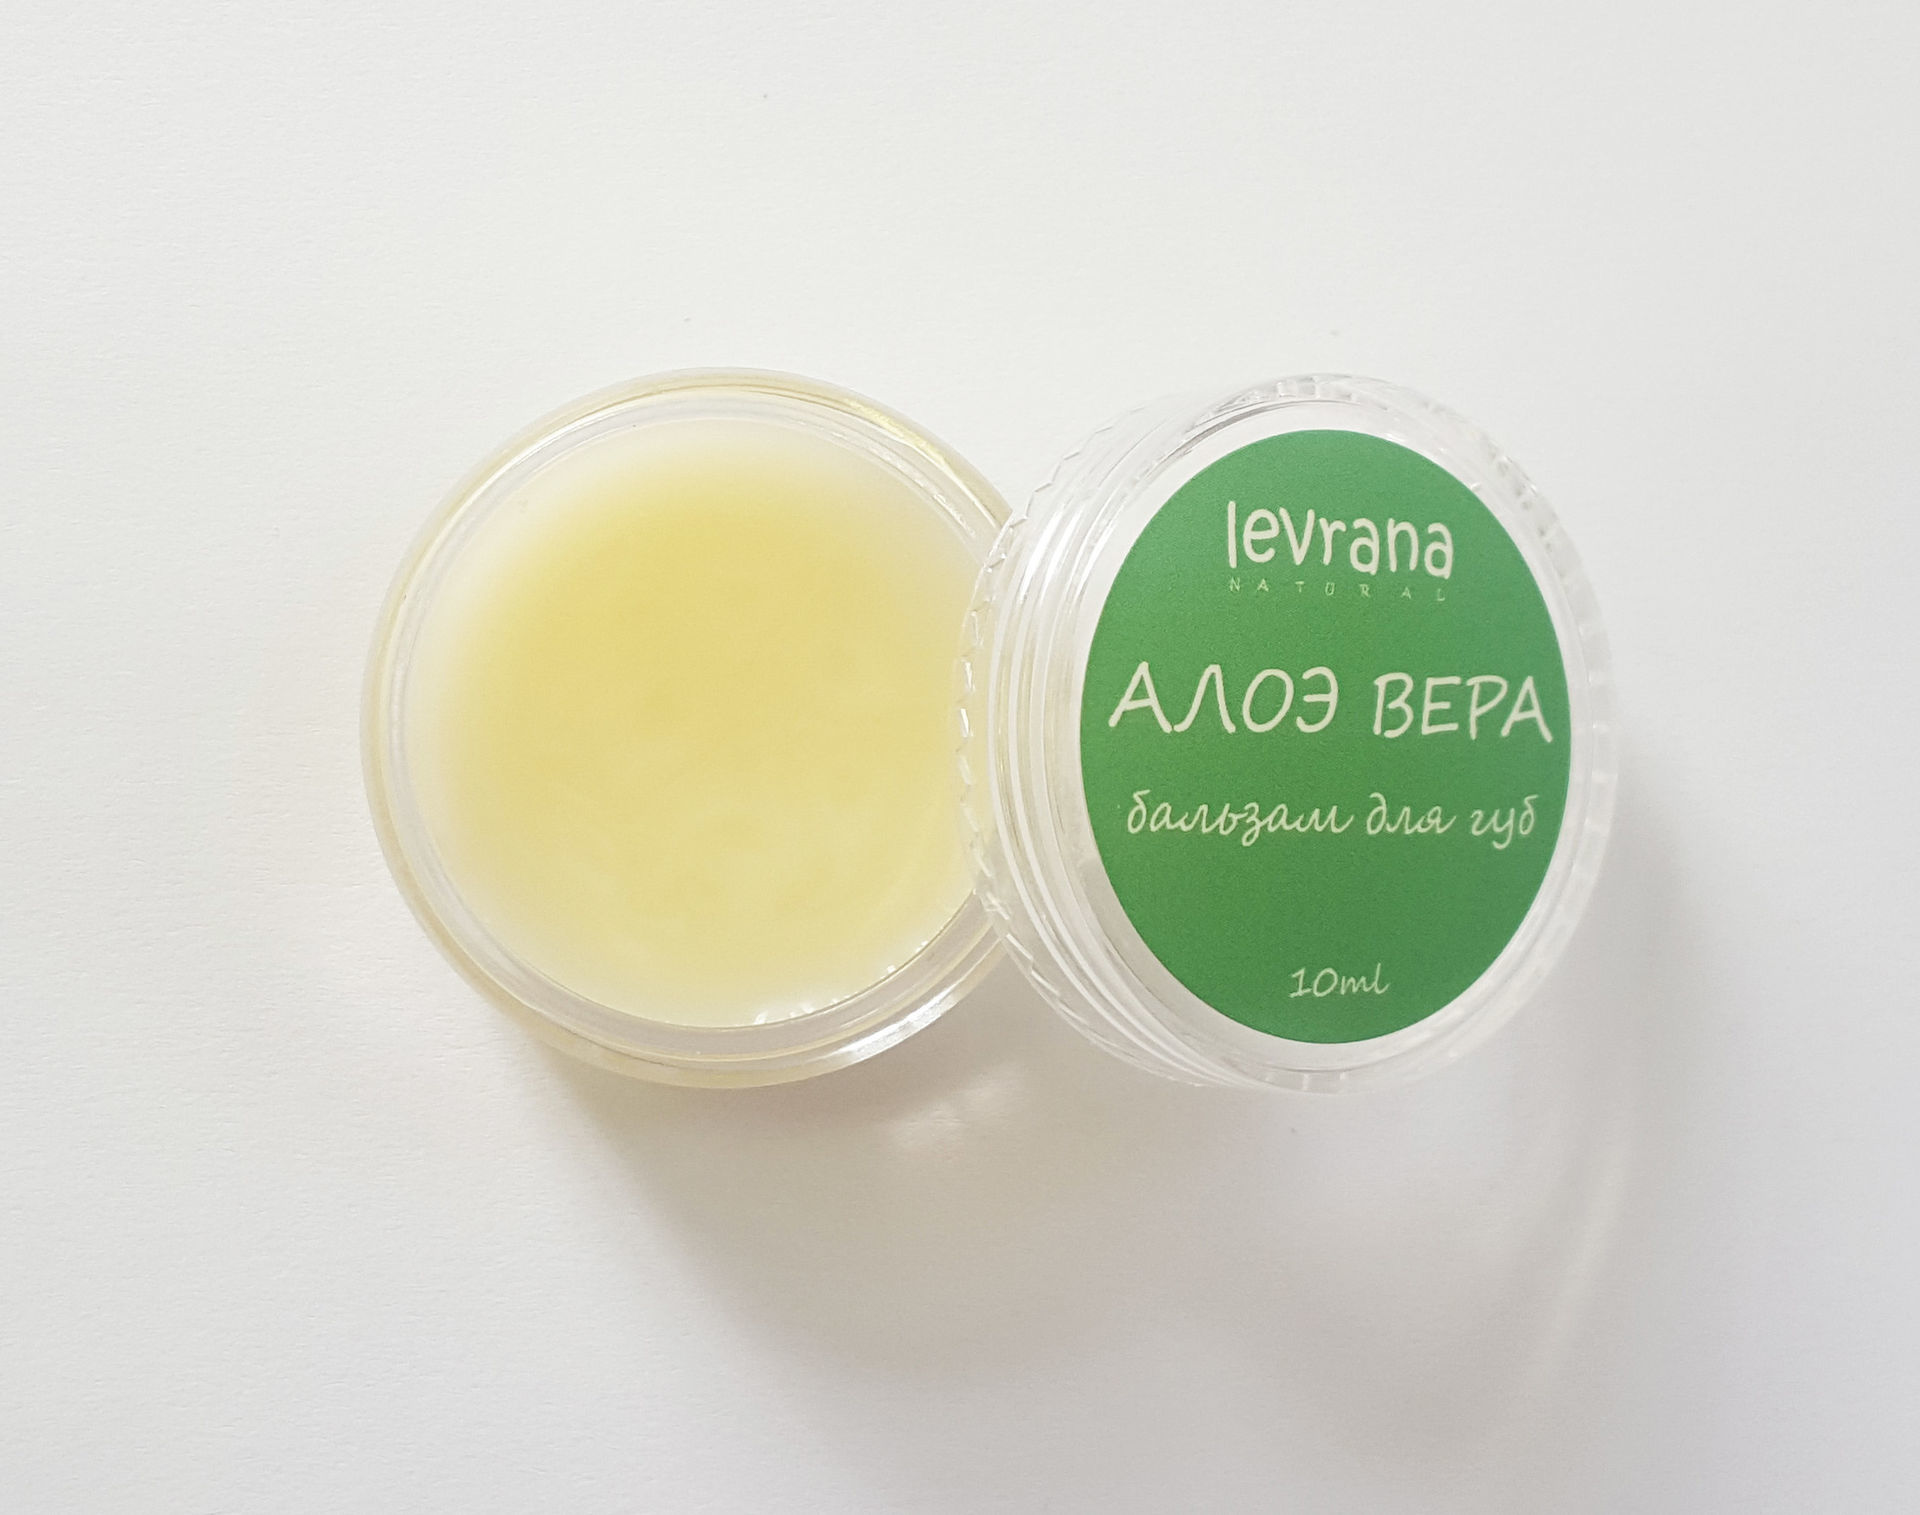 Бальзам для губ Алоэ Вера 10 гр (Levrana)